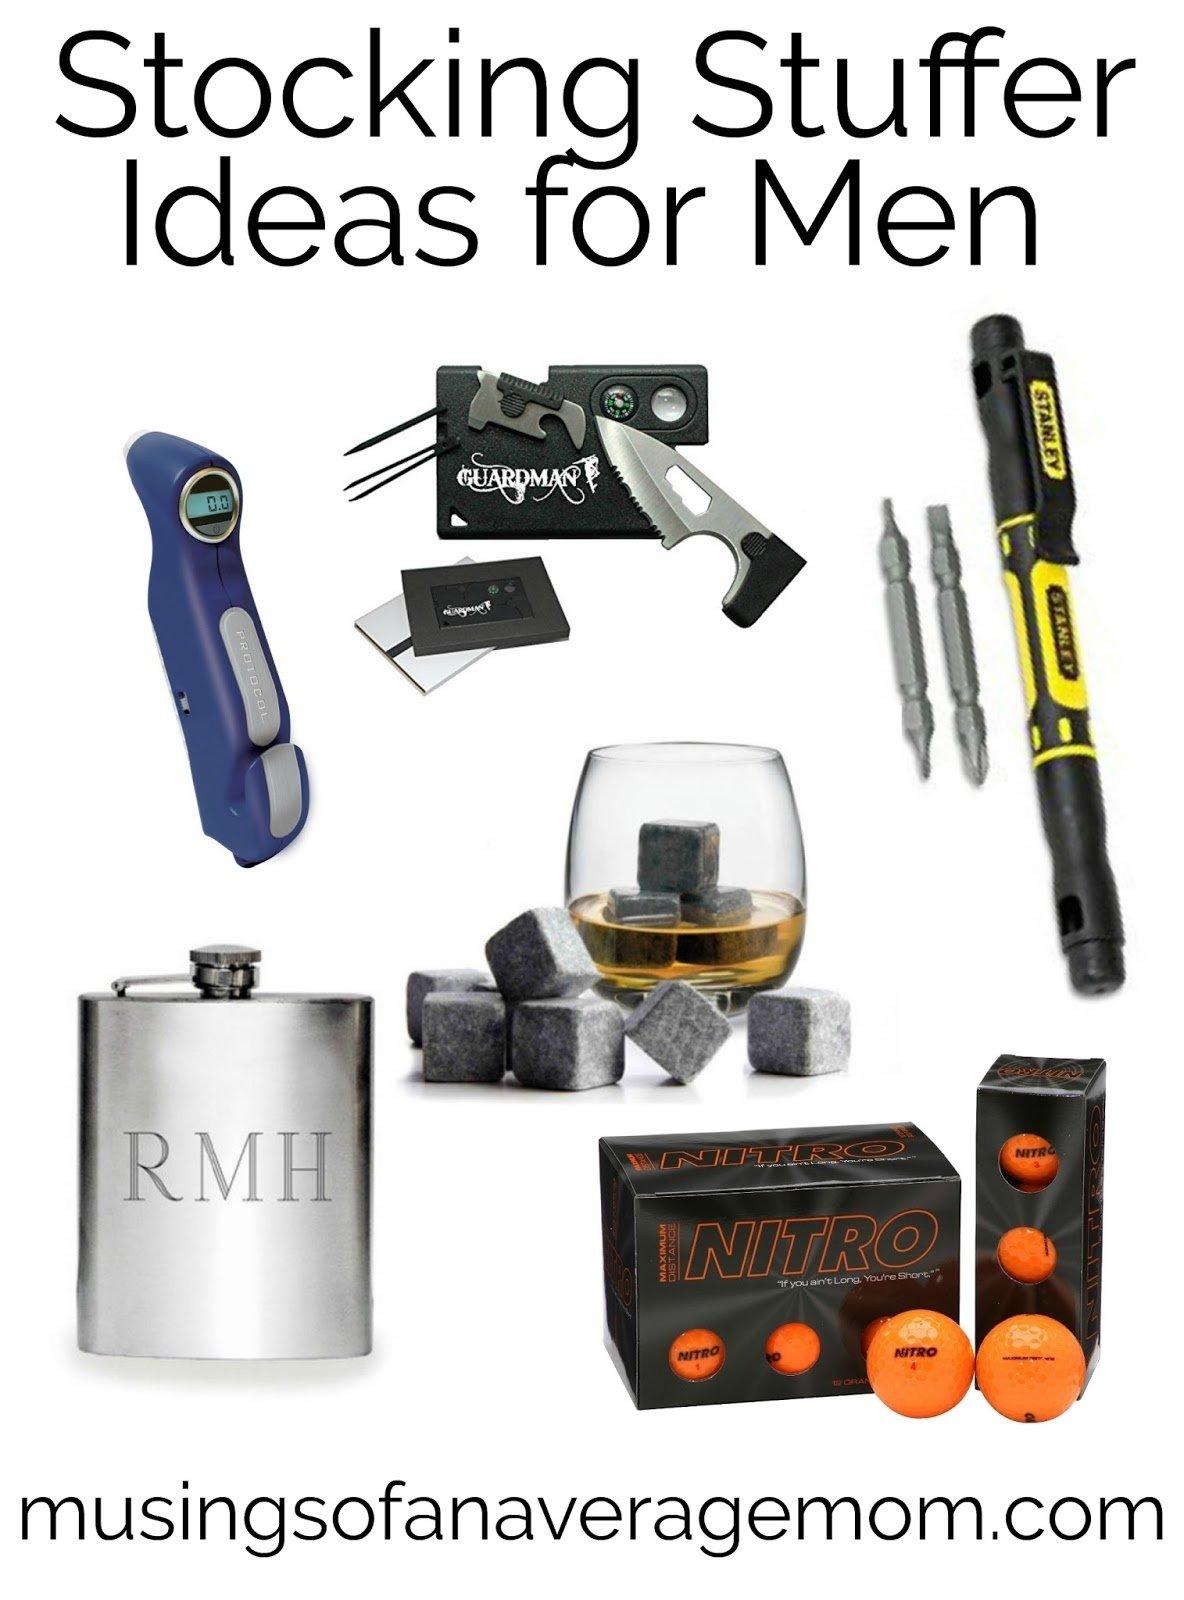 10 Cute Stocking Stuffer Ideas For Men musings of an average mom stocking stuffers for men 2020